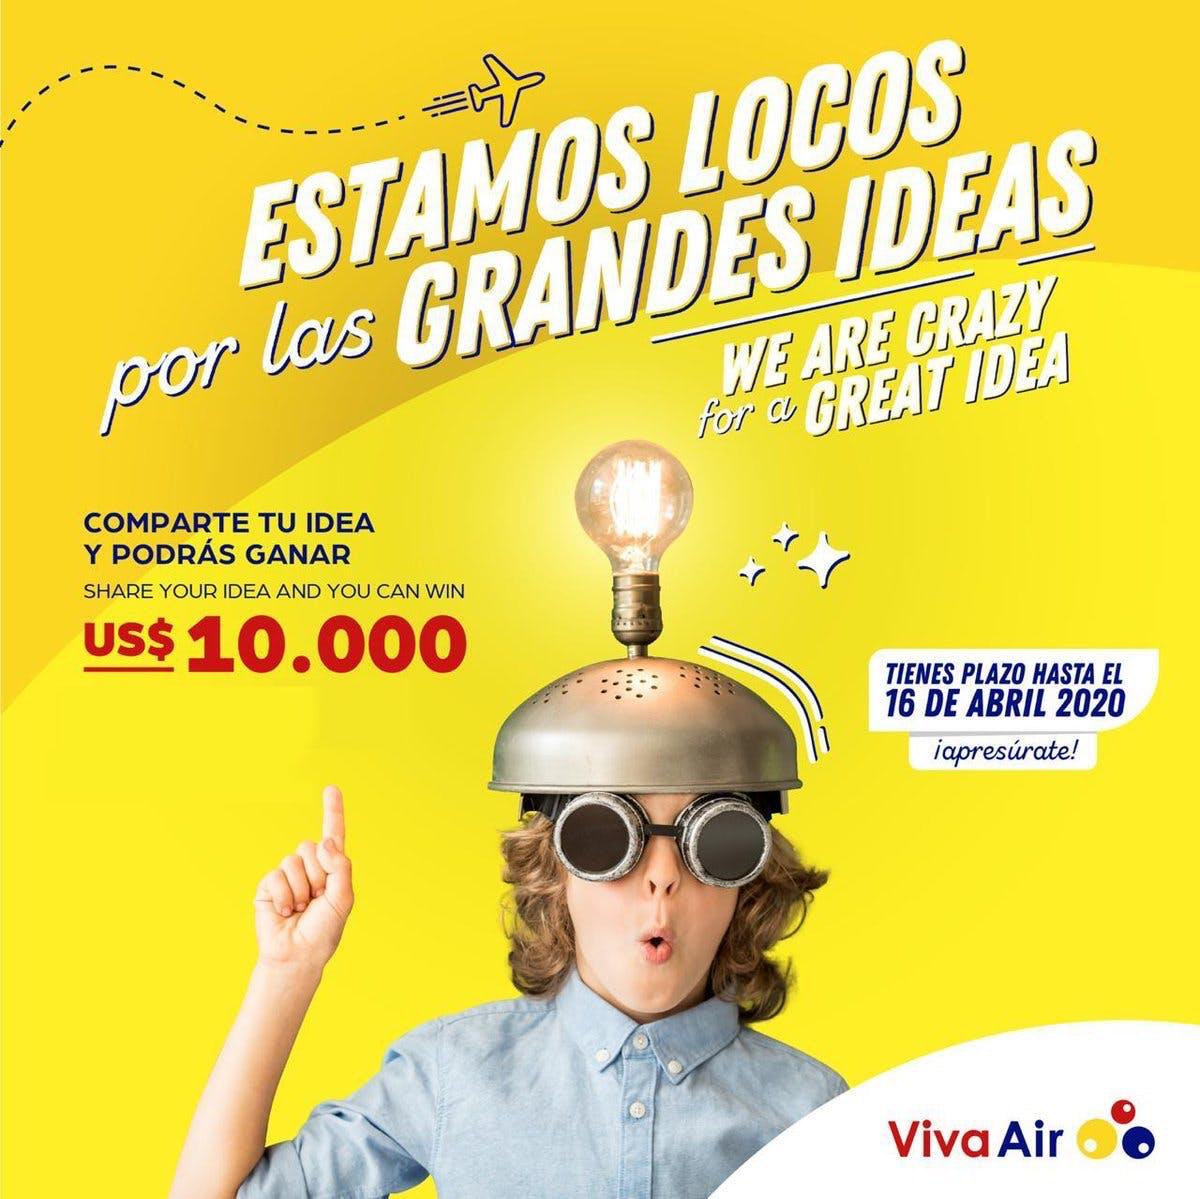 VivaAir promo